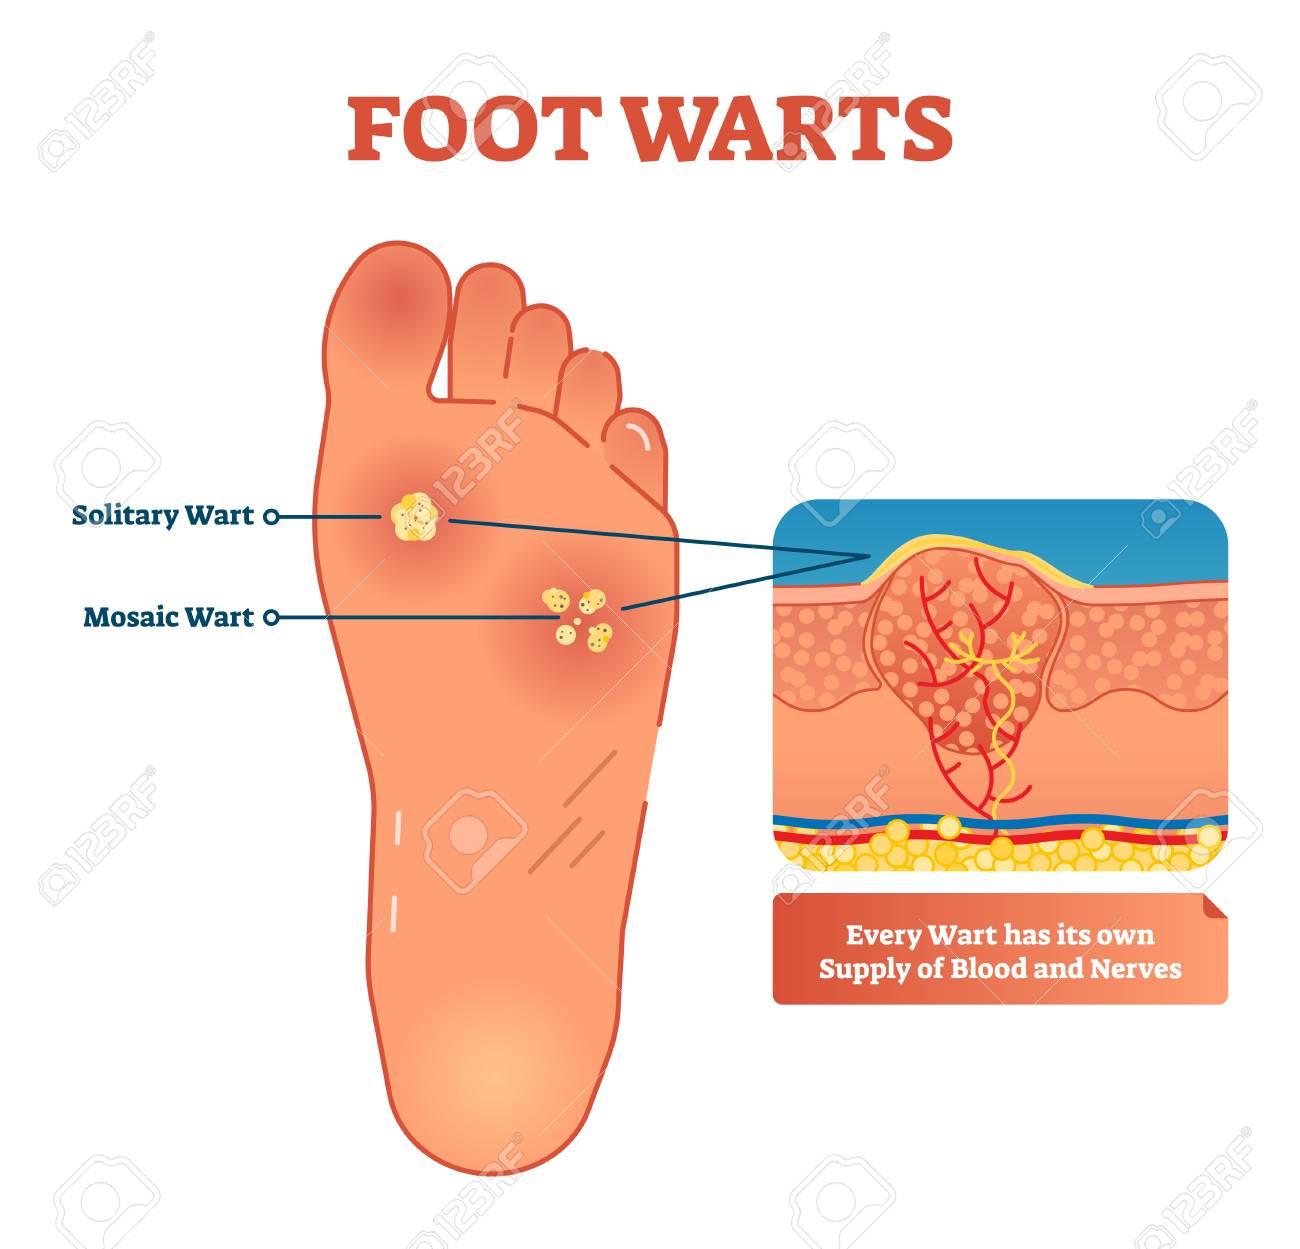 helminti la maturi cryopharma pentru picioare